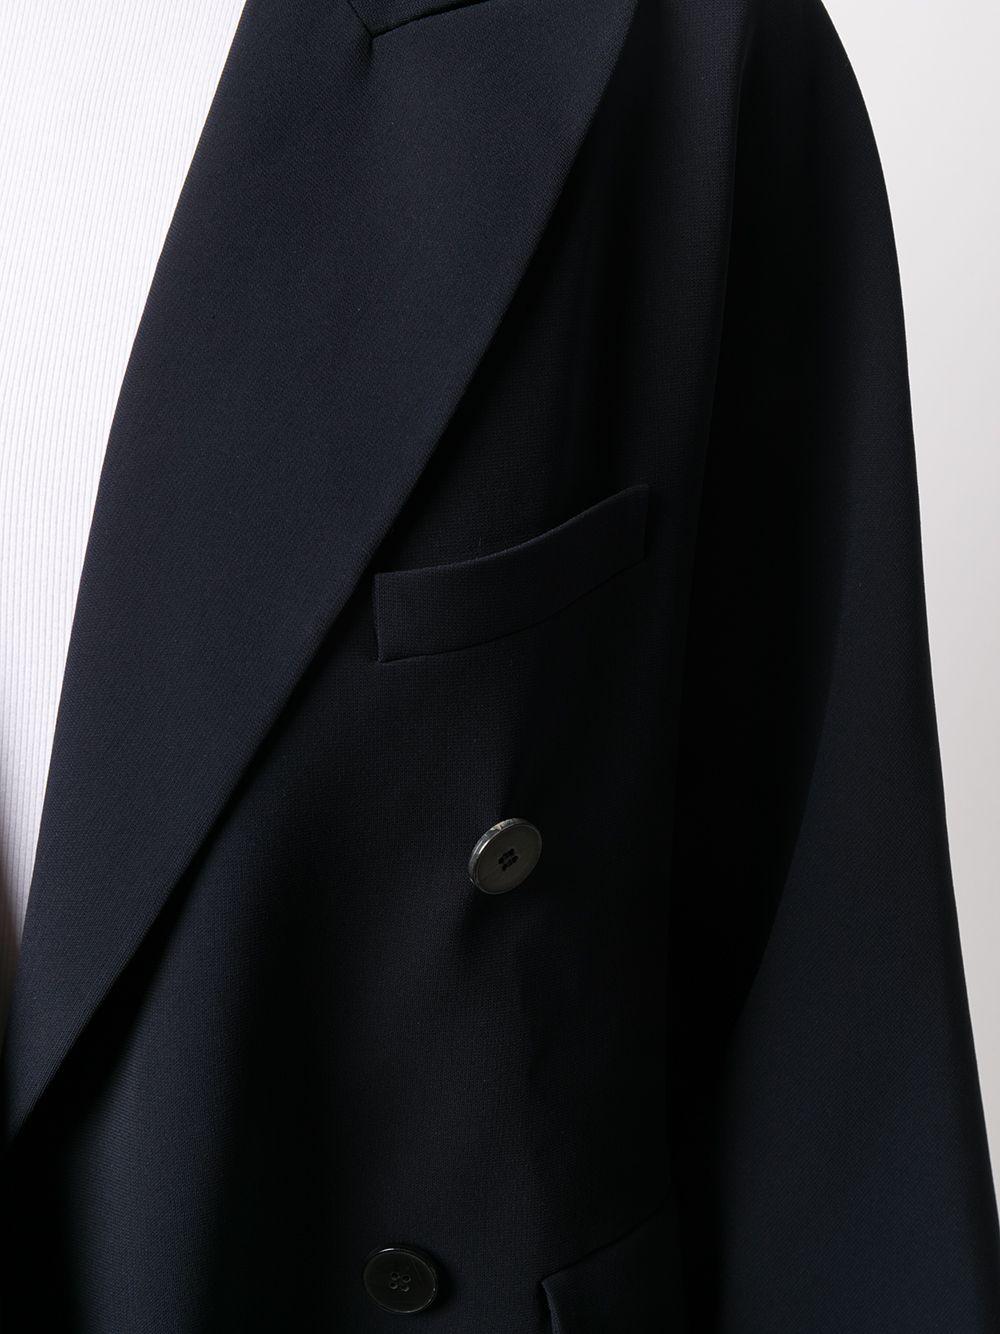 Cappotto aderente blu scuro con chiusura a doppio petto ALBERTO BIANI | Giacche | II862-AC002880